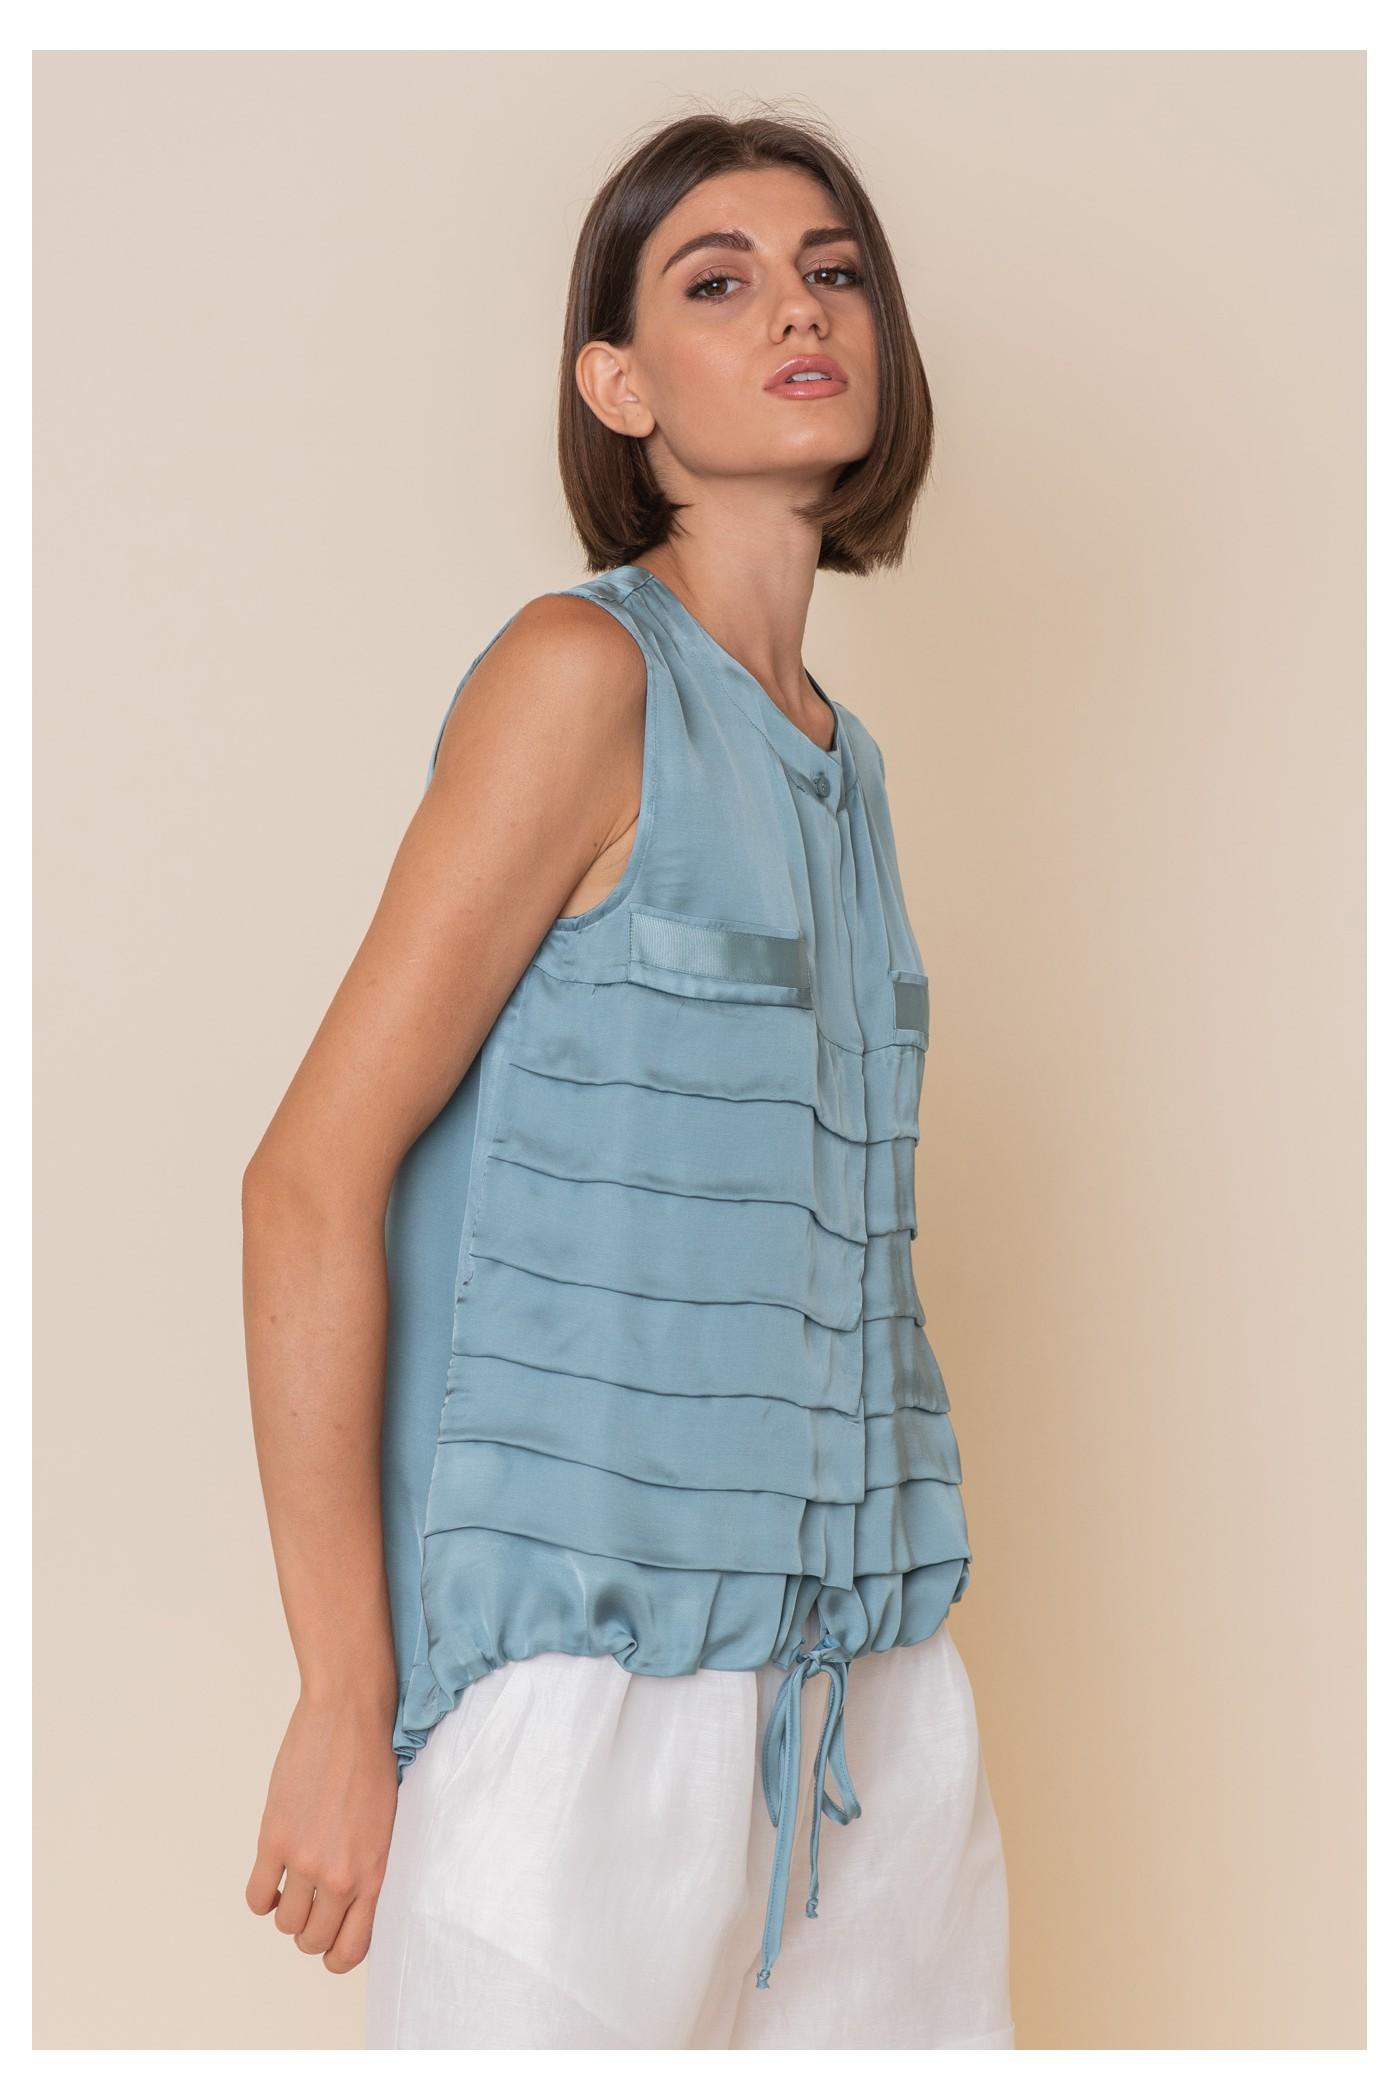 Μπλούζα αμάνικη με οριζόντιες πιέτες εμπρός, γυναικεία